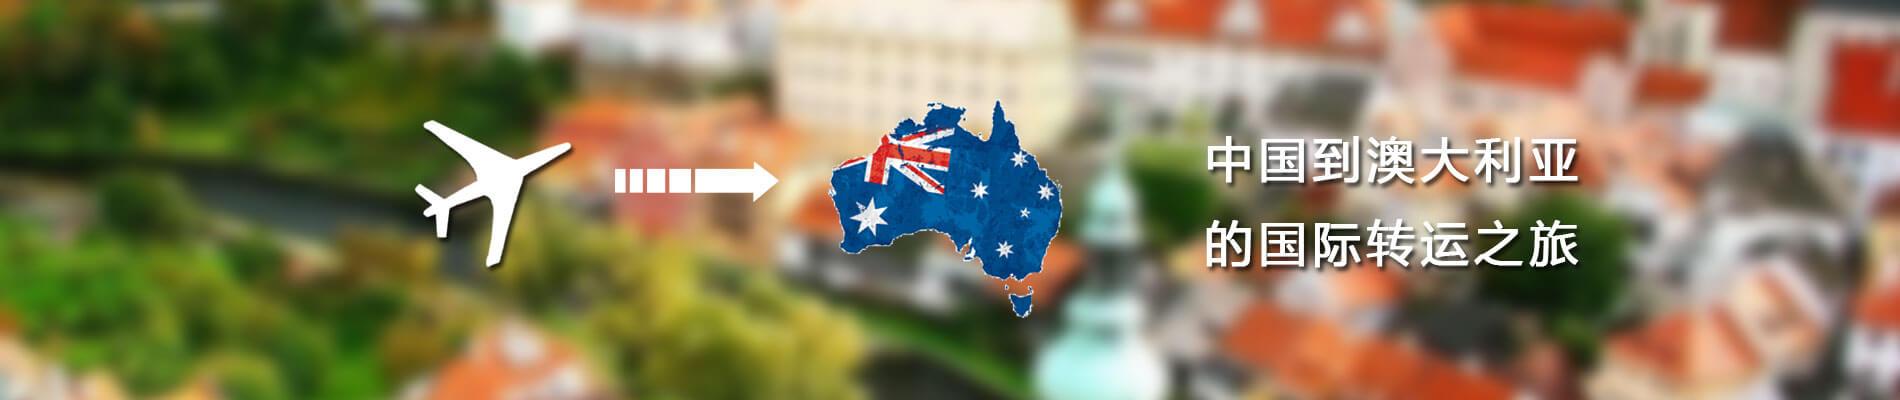 澳大利亚banner